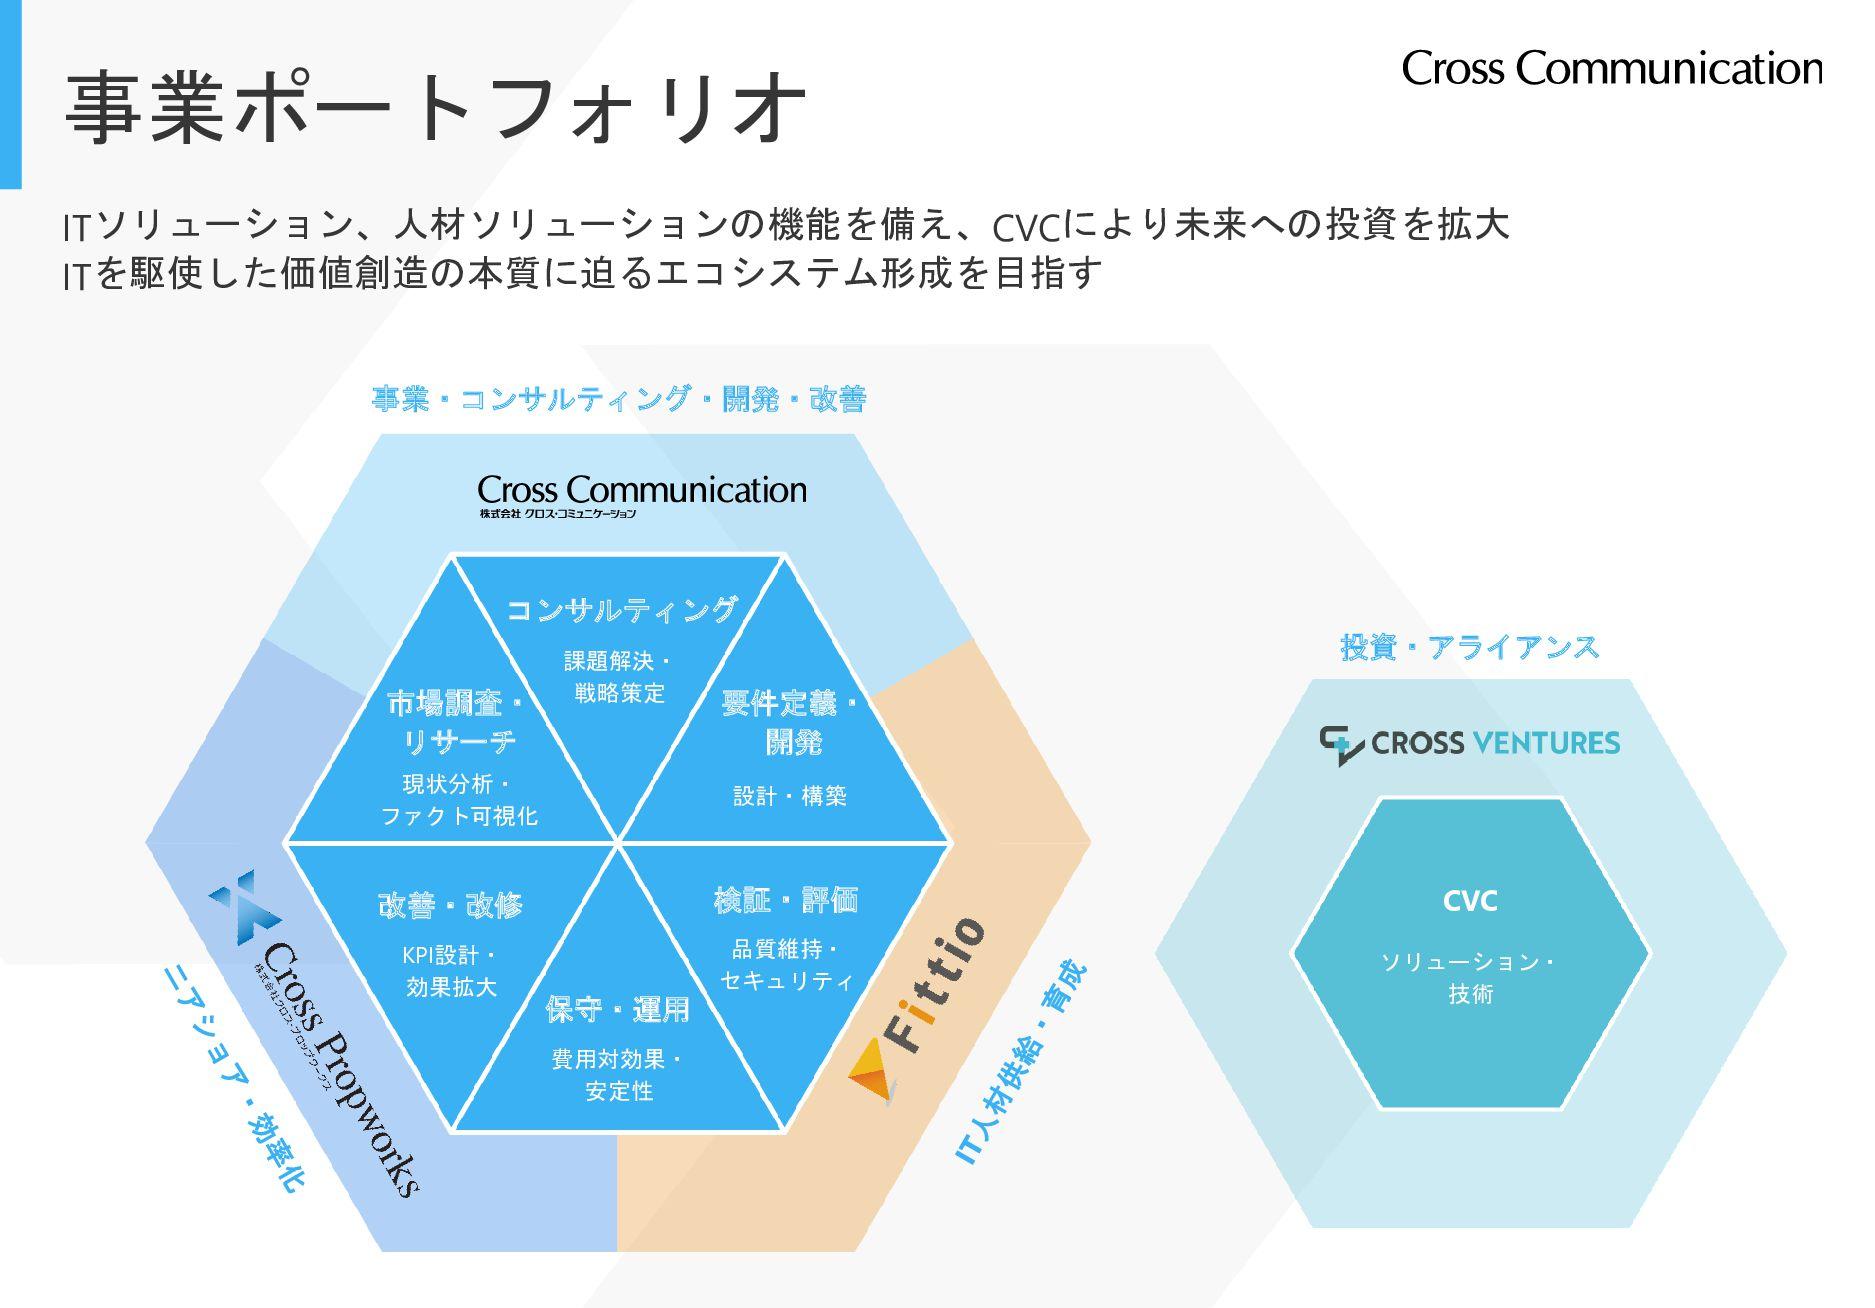 事業ポートフォリオ ITソリューション、人材ソリューションの機能を備え、CVCにより未来への投...